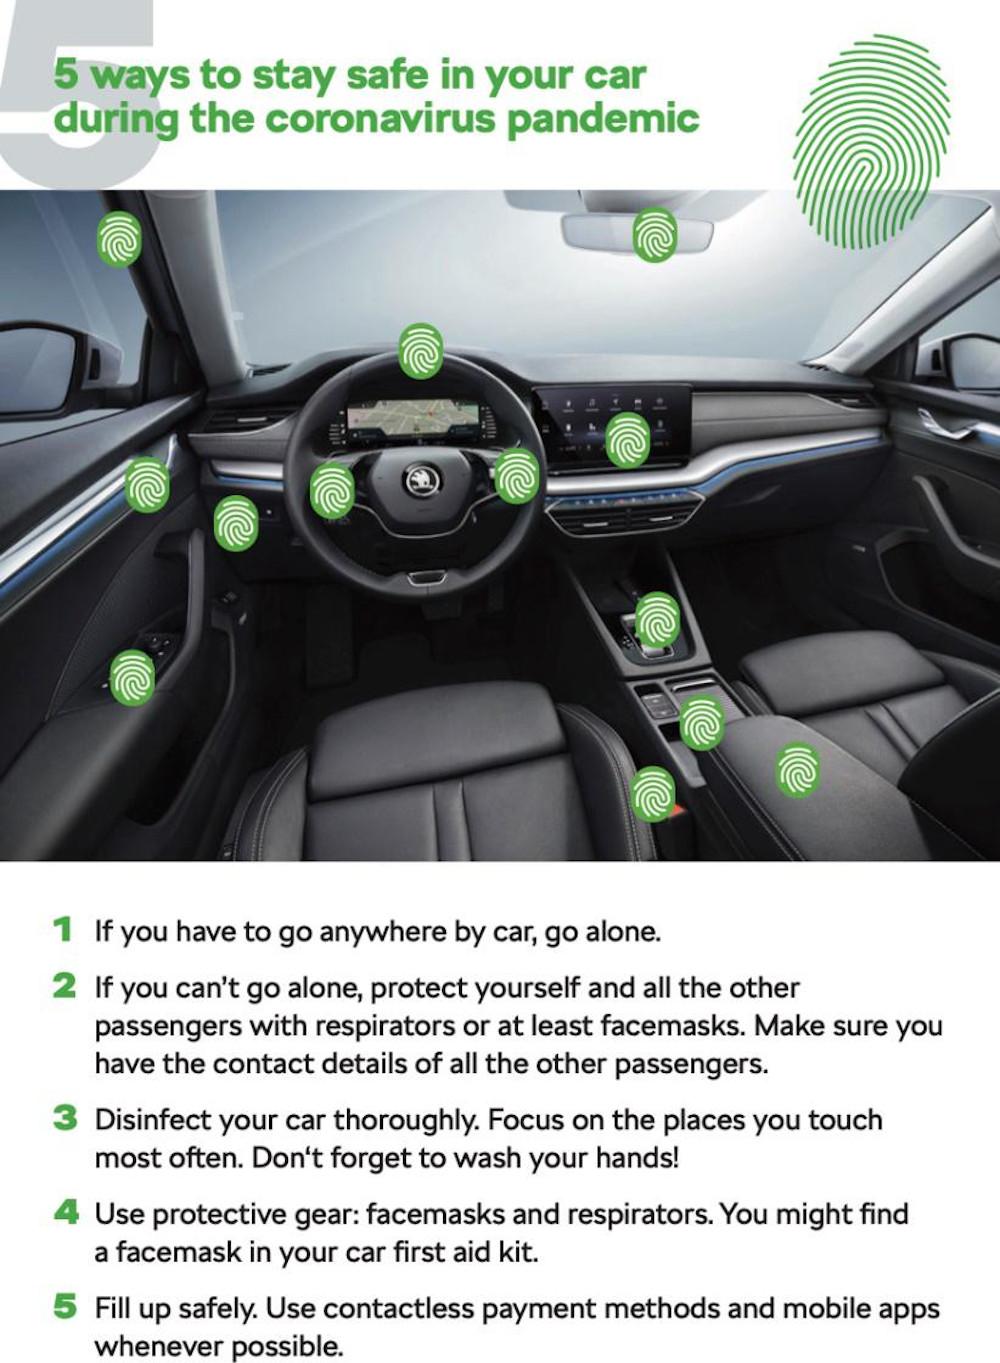 siguranta in calatoriile cu automobilul in perioada pandemiei de coronavirus